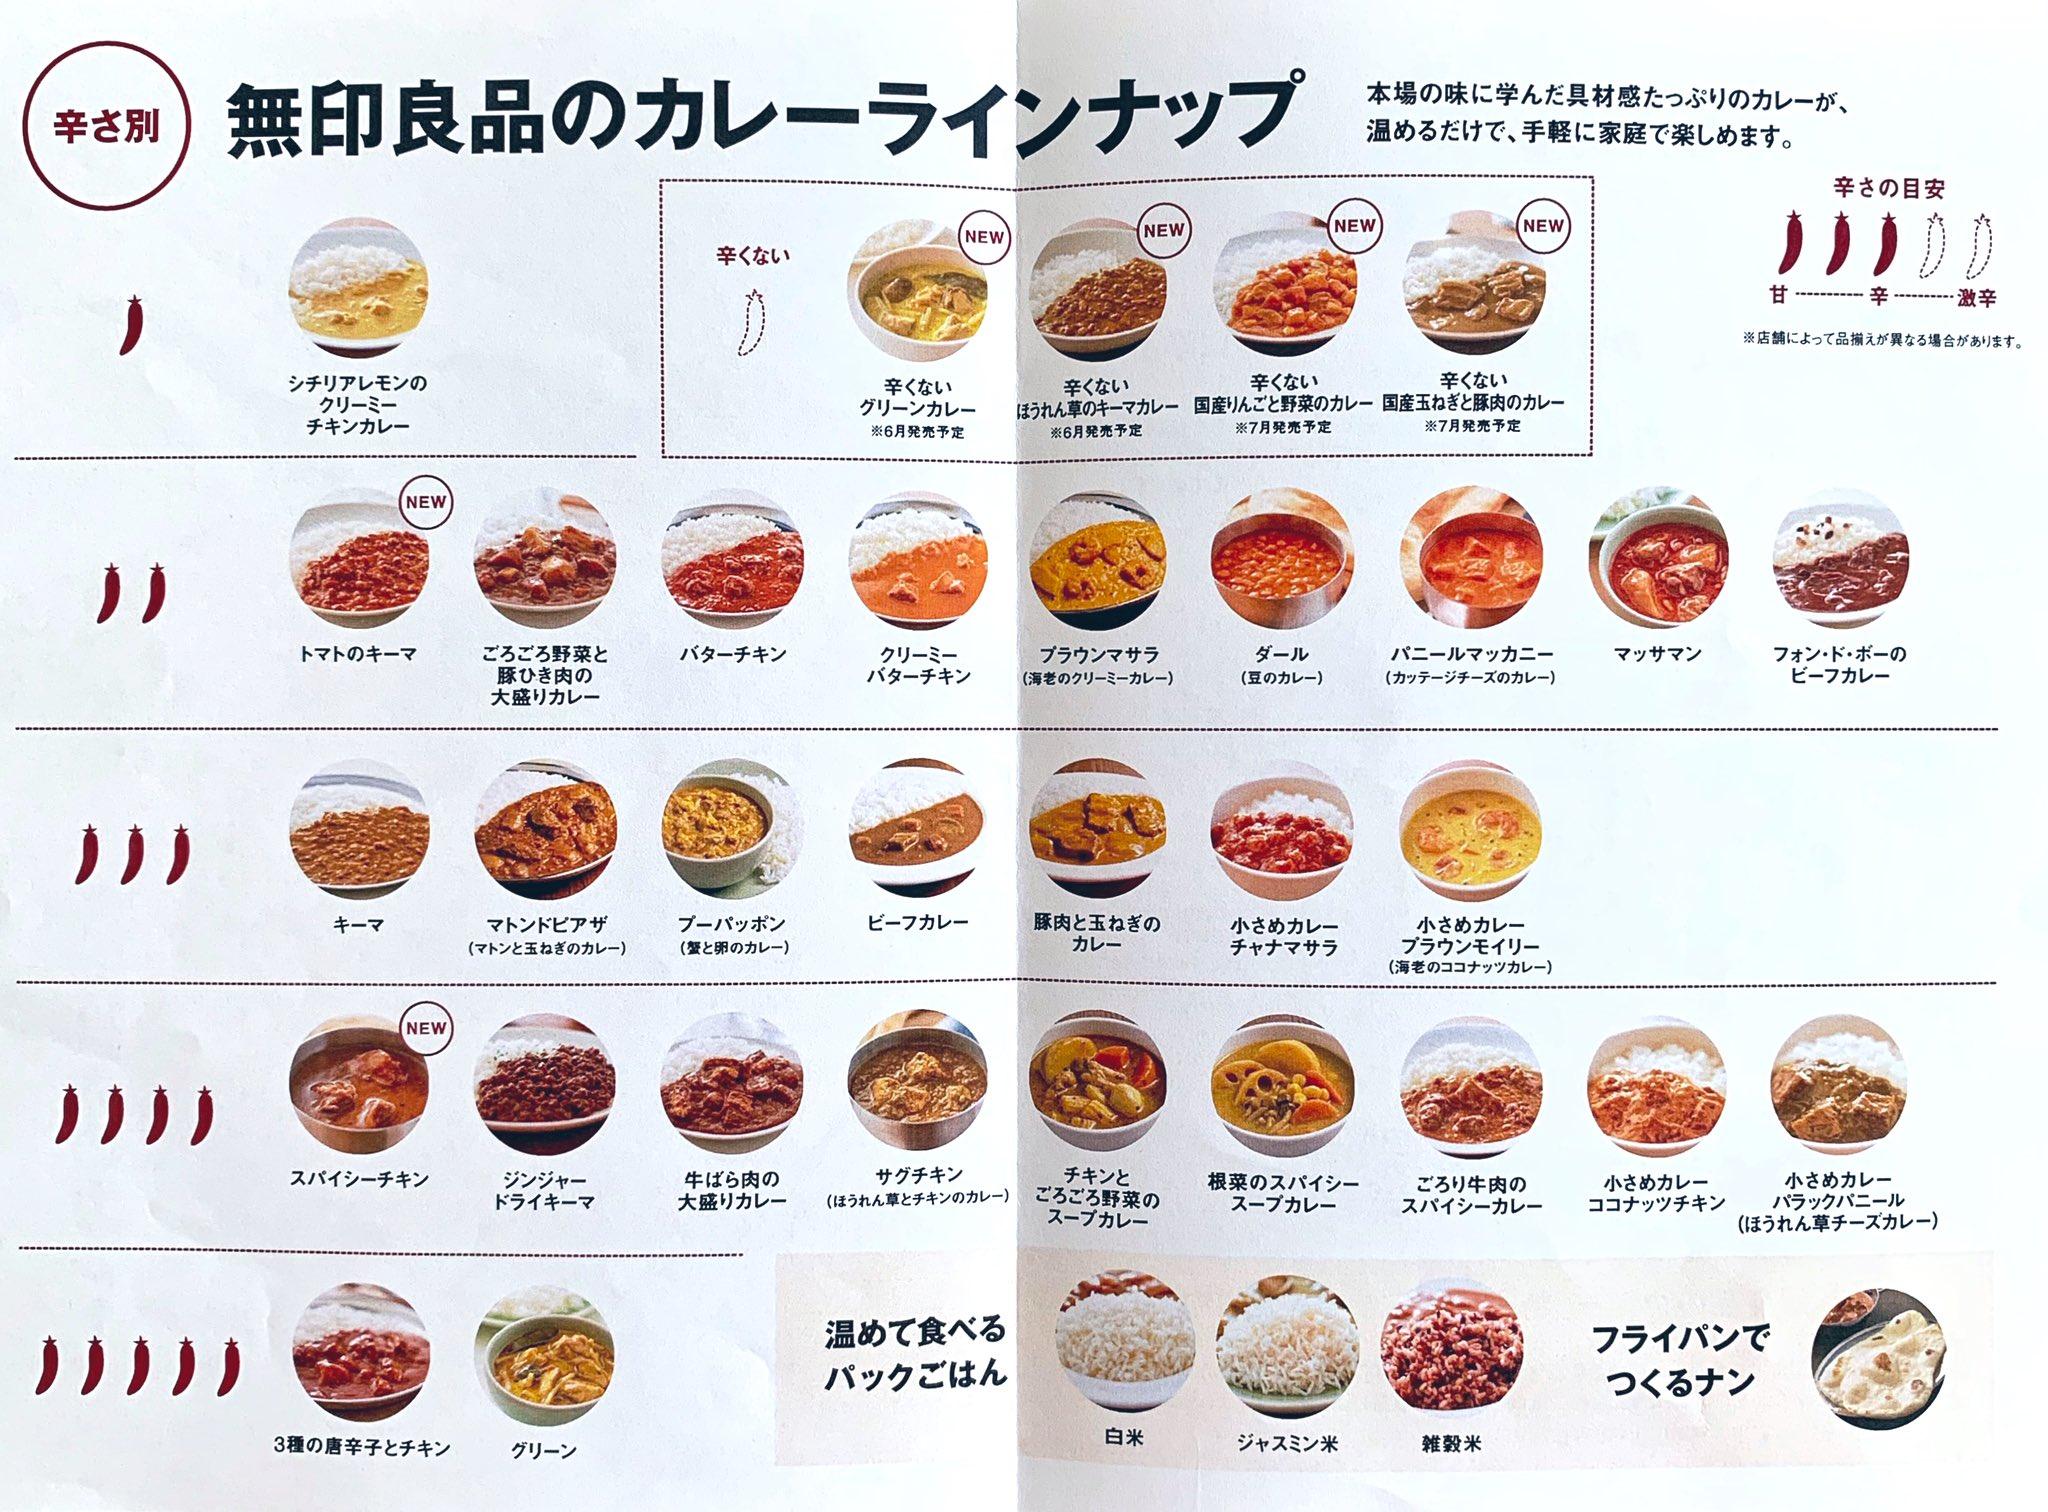 ○辛さ別○ 無印良品のカレーラインナップ。 (チラシを貰いました) 暑いとカレーが食べたくなる。